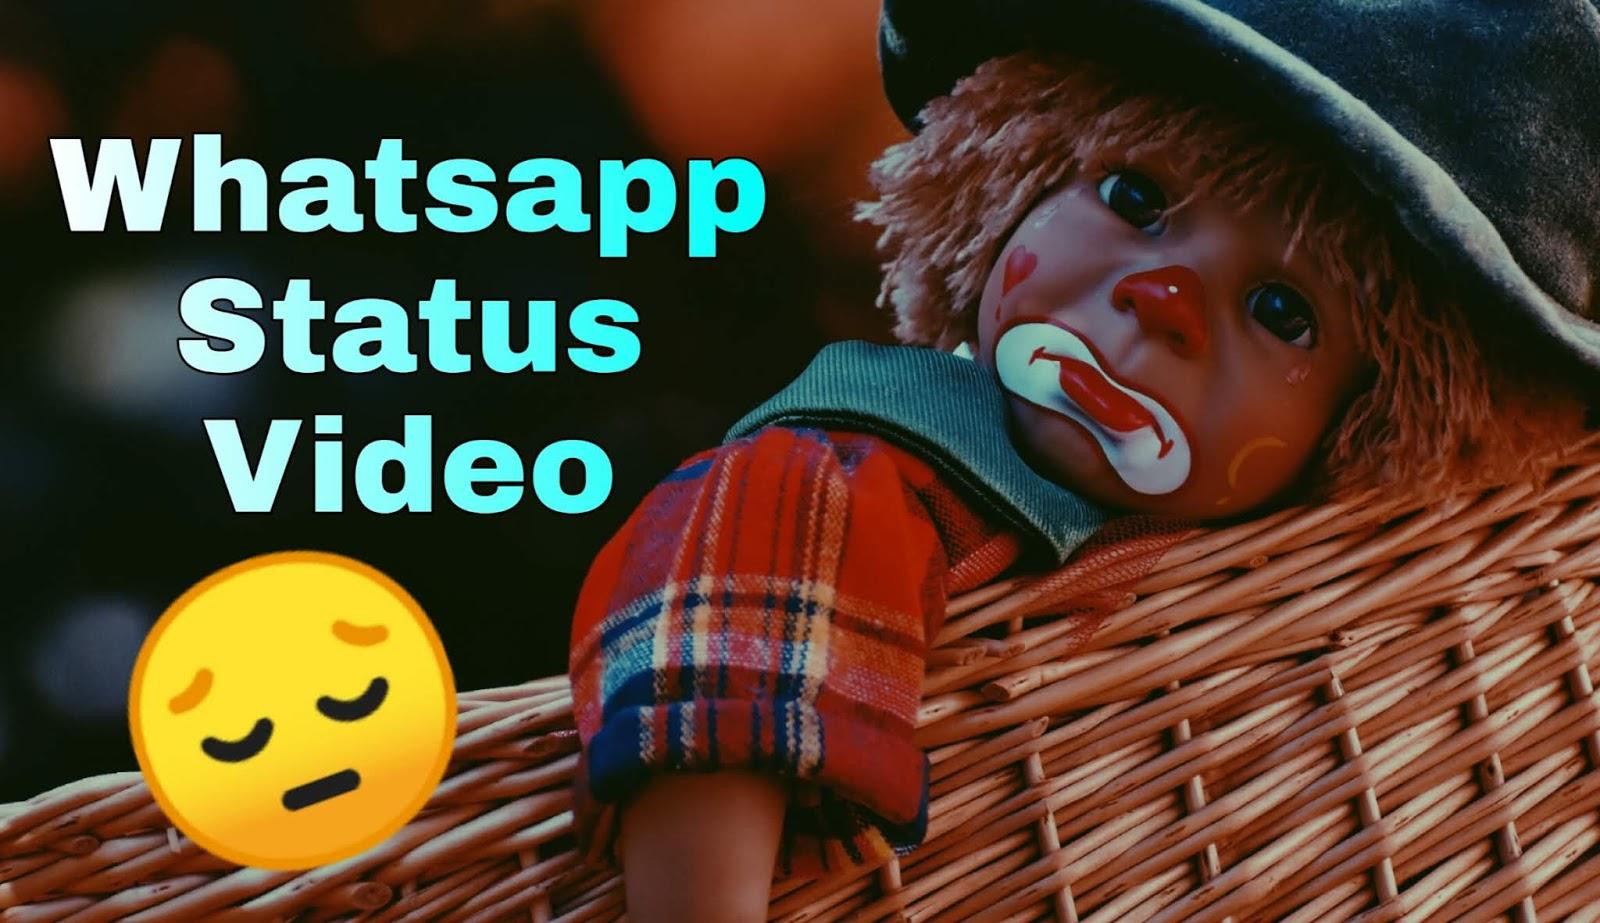 New Punjabi Song Whatsapp Status Video Black Background